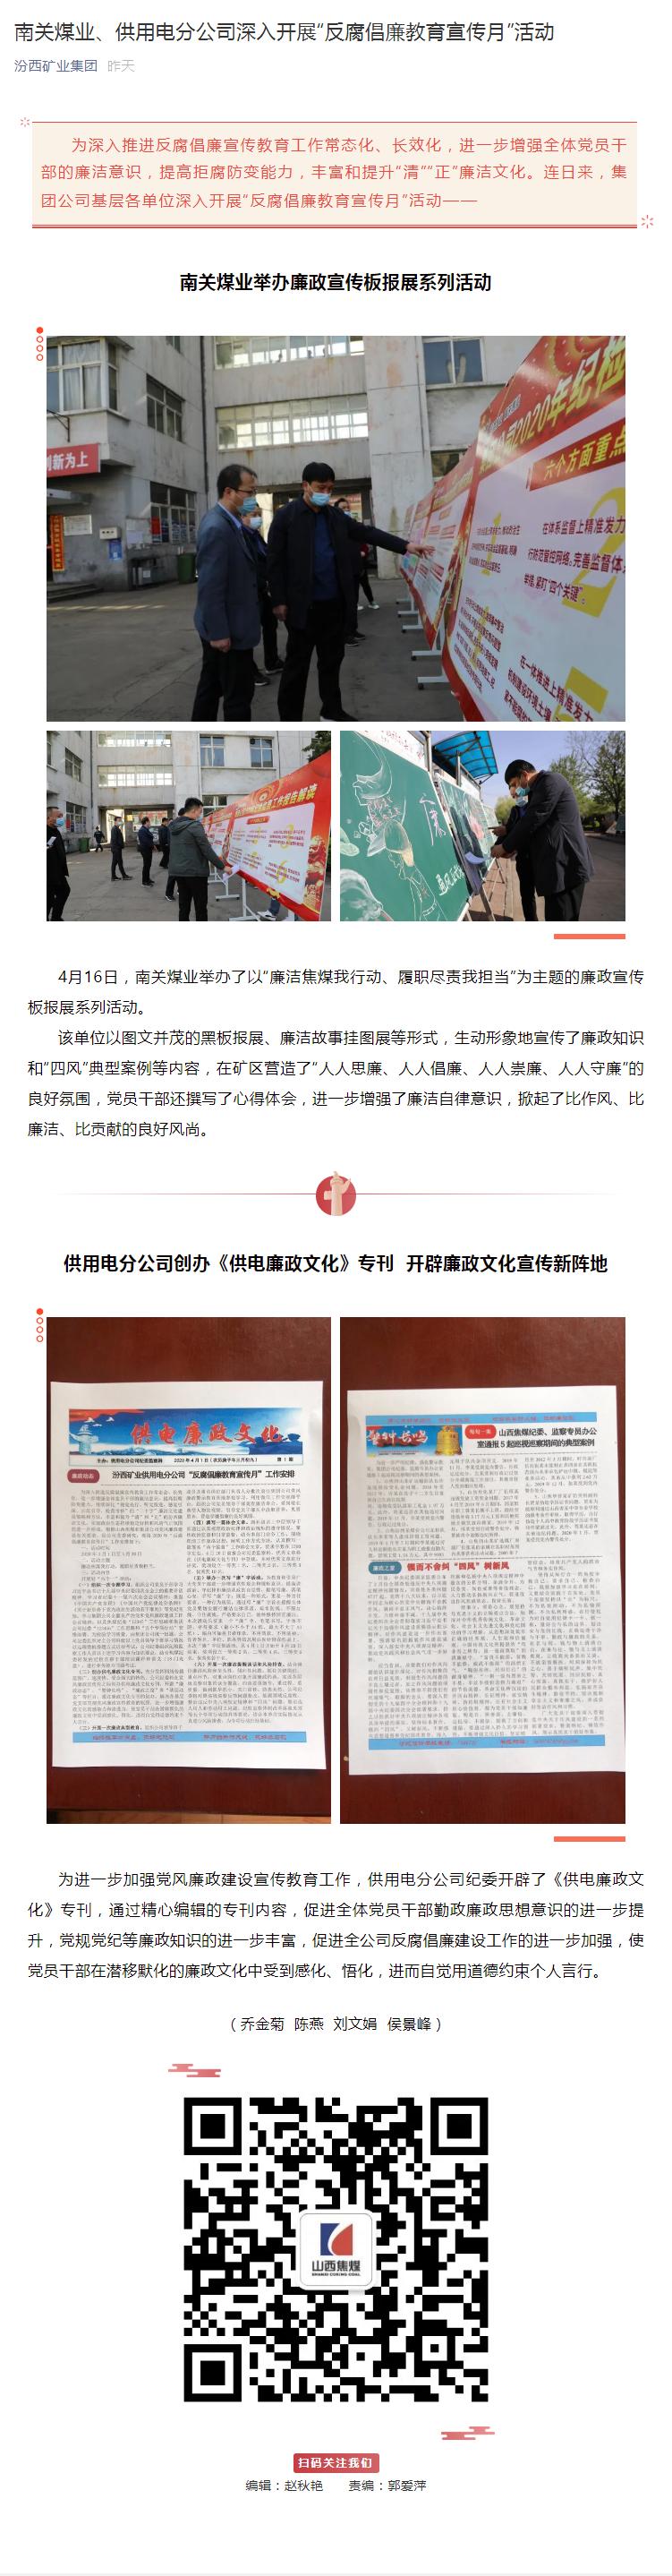 """南关煤业、供用电分公司深入开展""""反腐倡廉教育宣传月""""活动.png"""